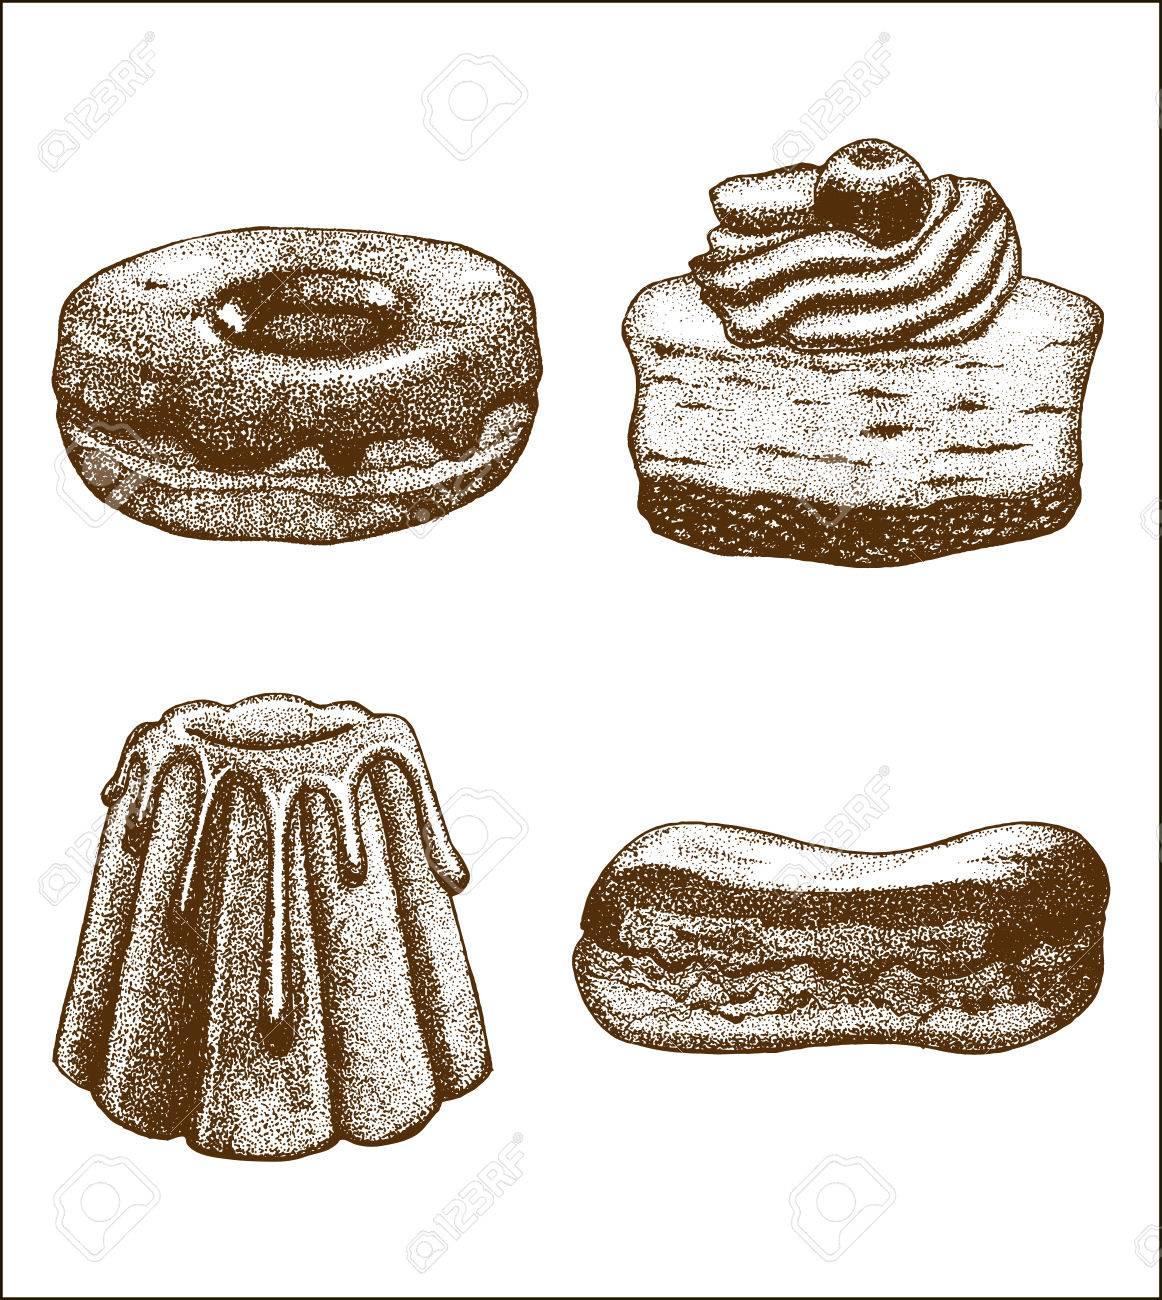 Vektor Hand Gezeichnet Von Donut Geback Kuchen Eclair Eingestellt